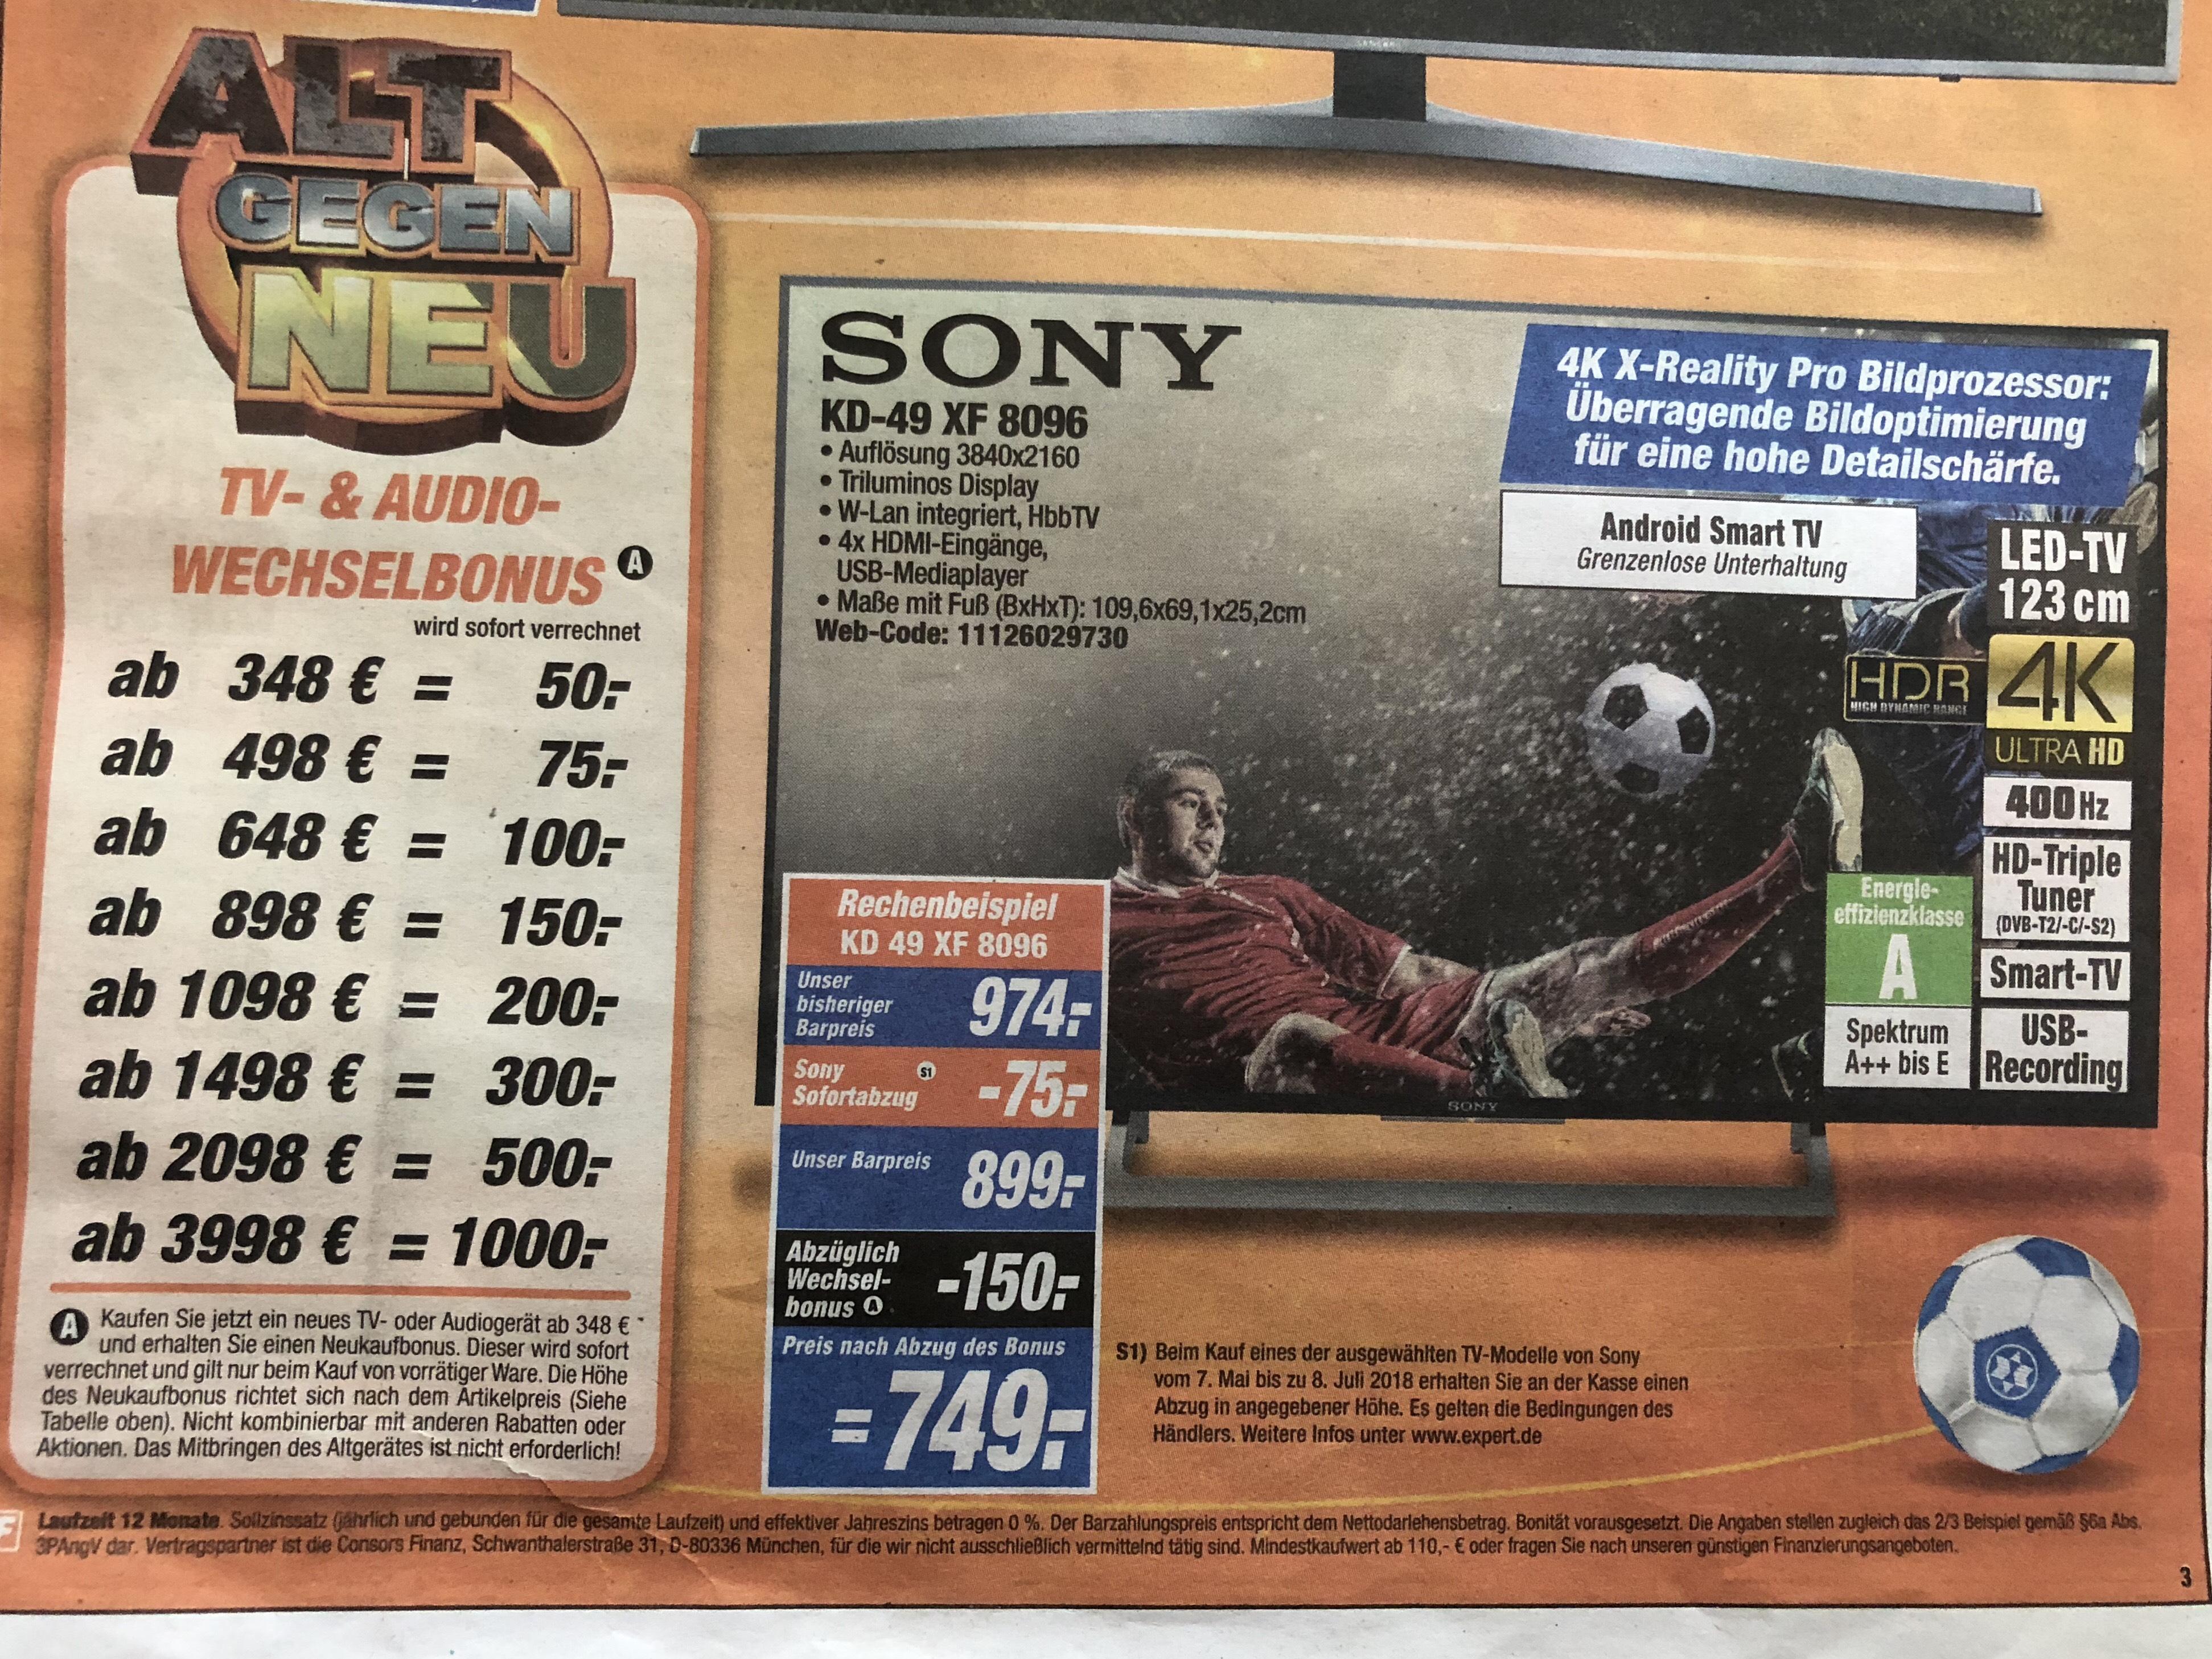 Sony KD-49 XF8096